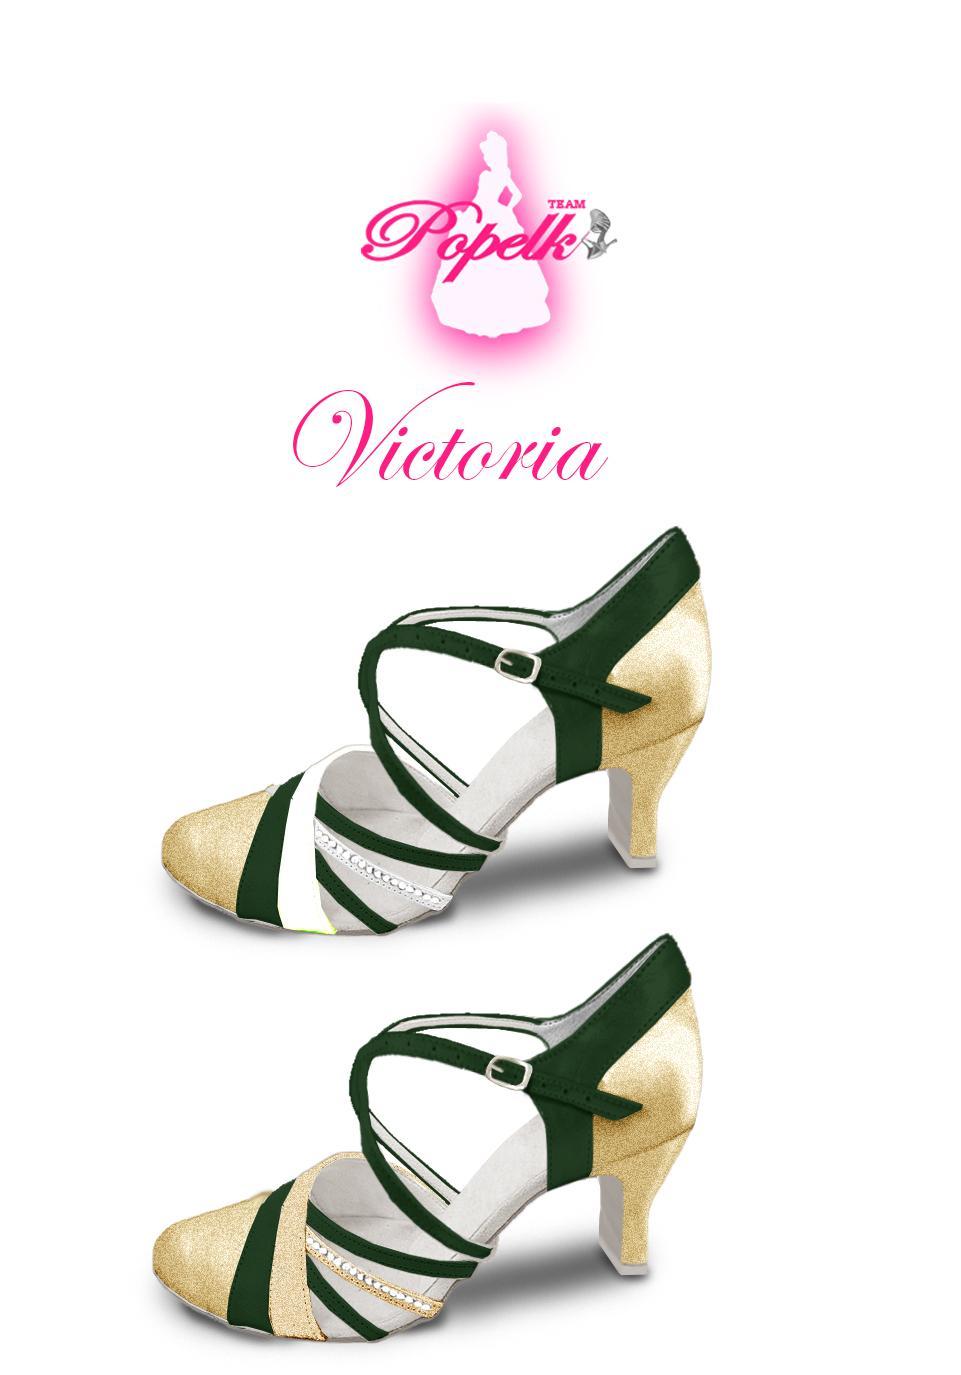 Svadobné topánky navrhni a uprav si ich podľa seba - inšpirácie zlatá - Obrázok č. 70